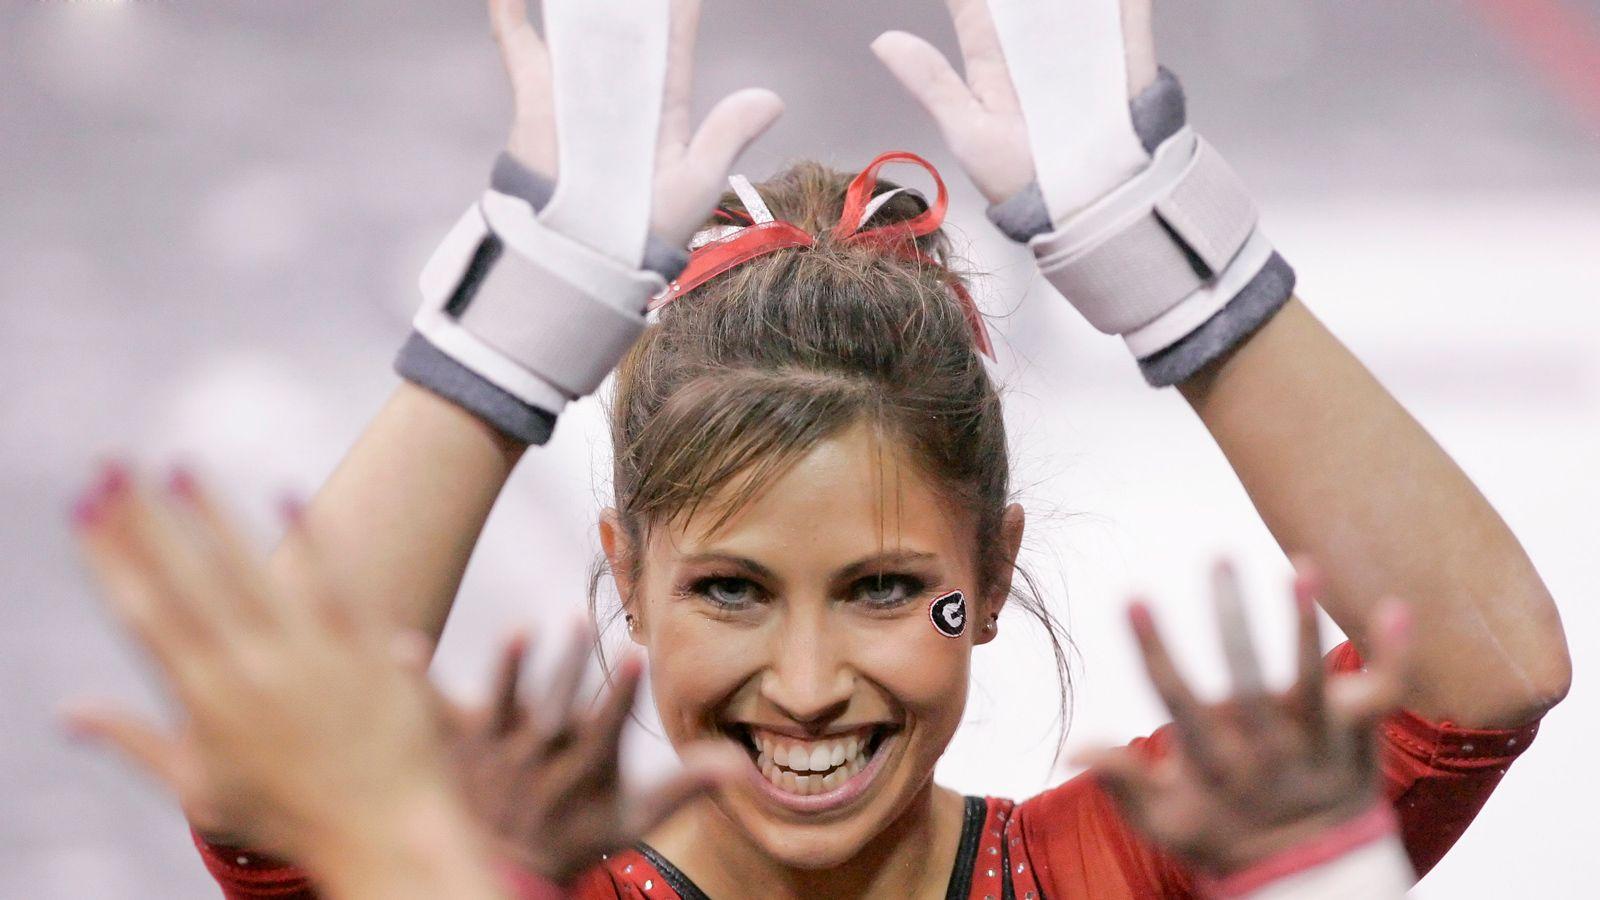 Uga 2017 Sec Championships >> Courtney Kupets Carter named new UGA gymnastics coach